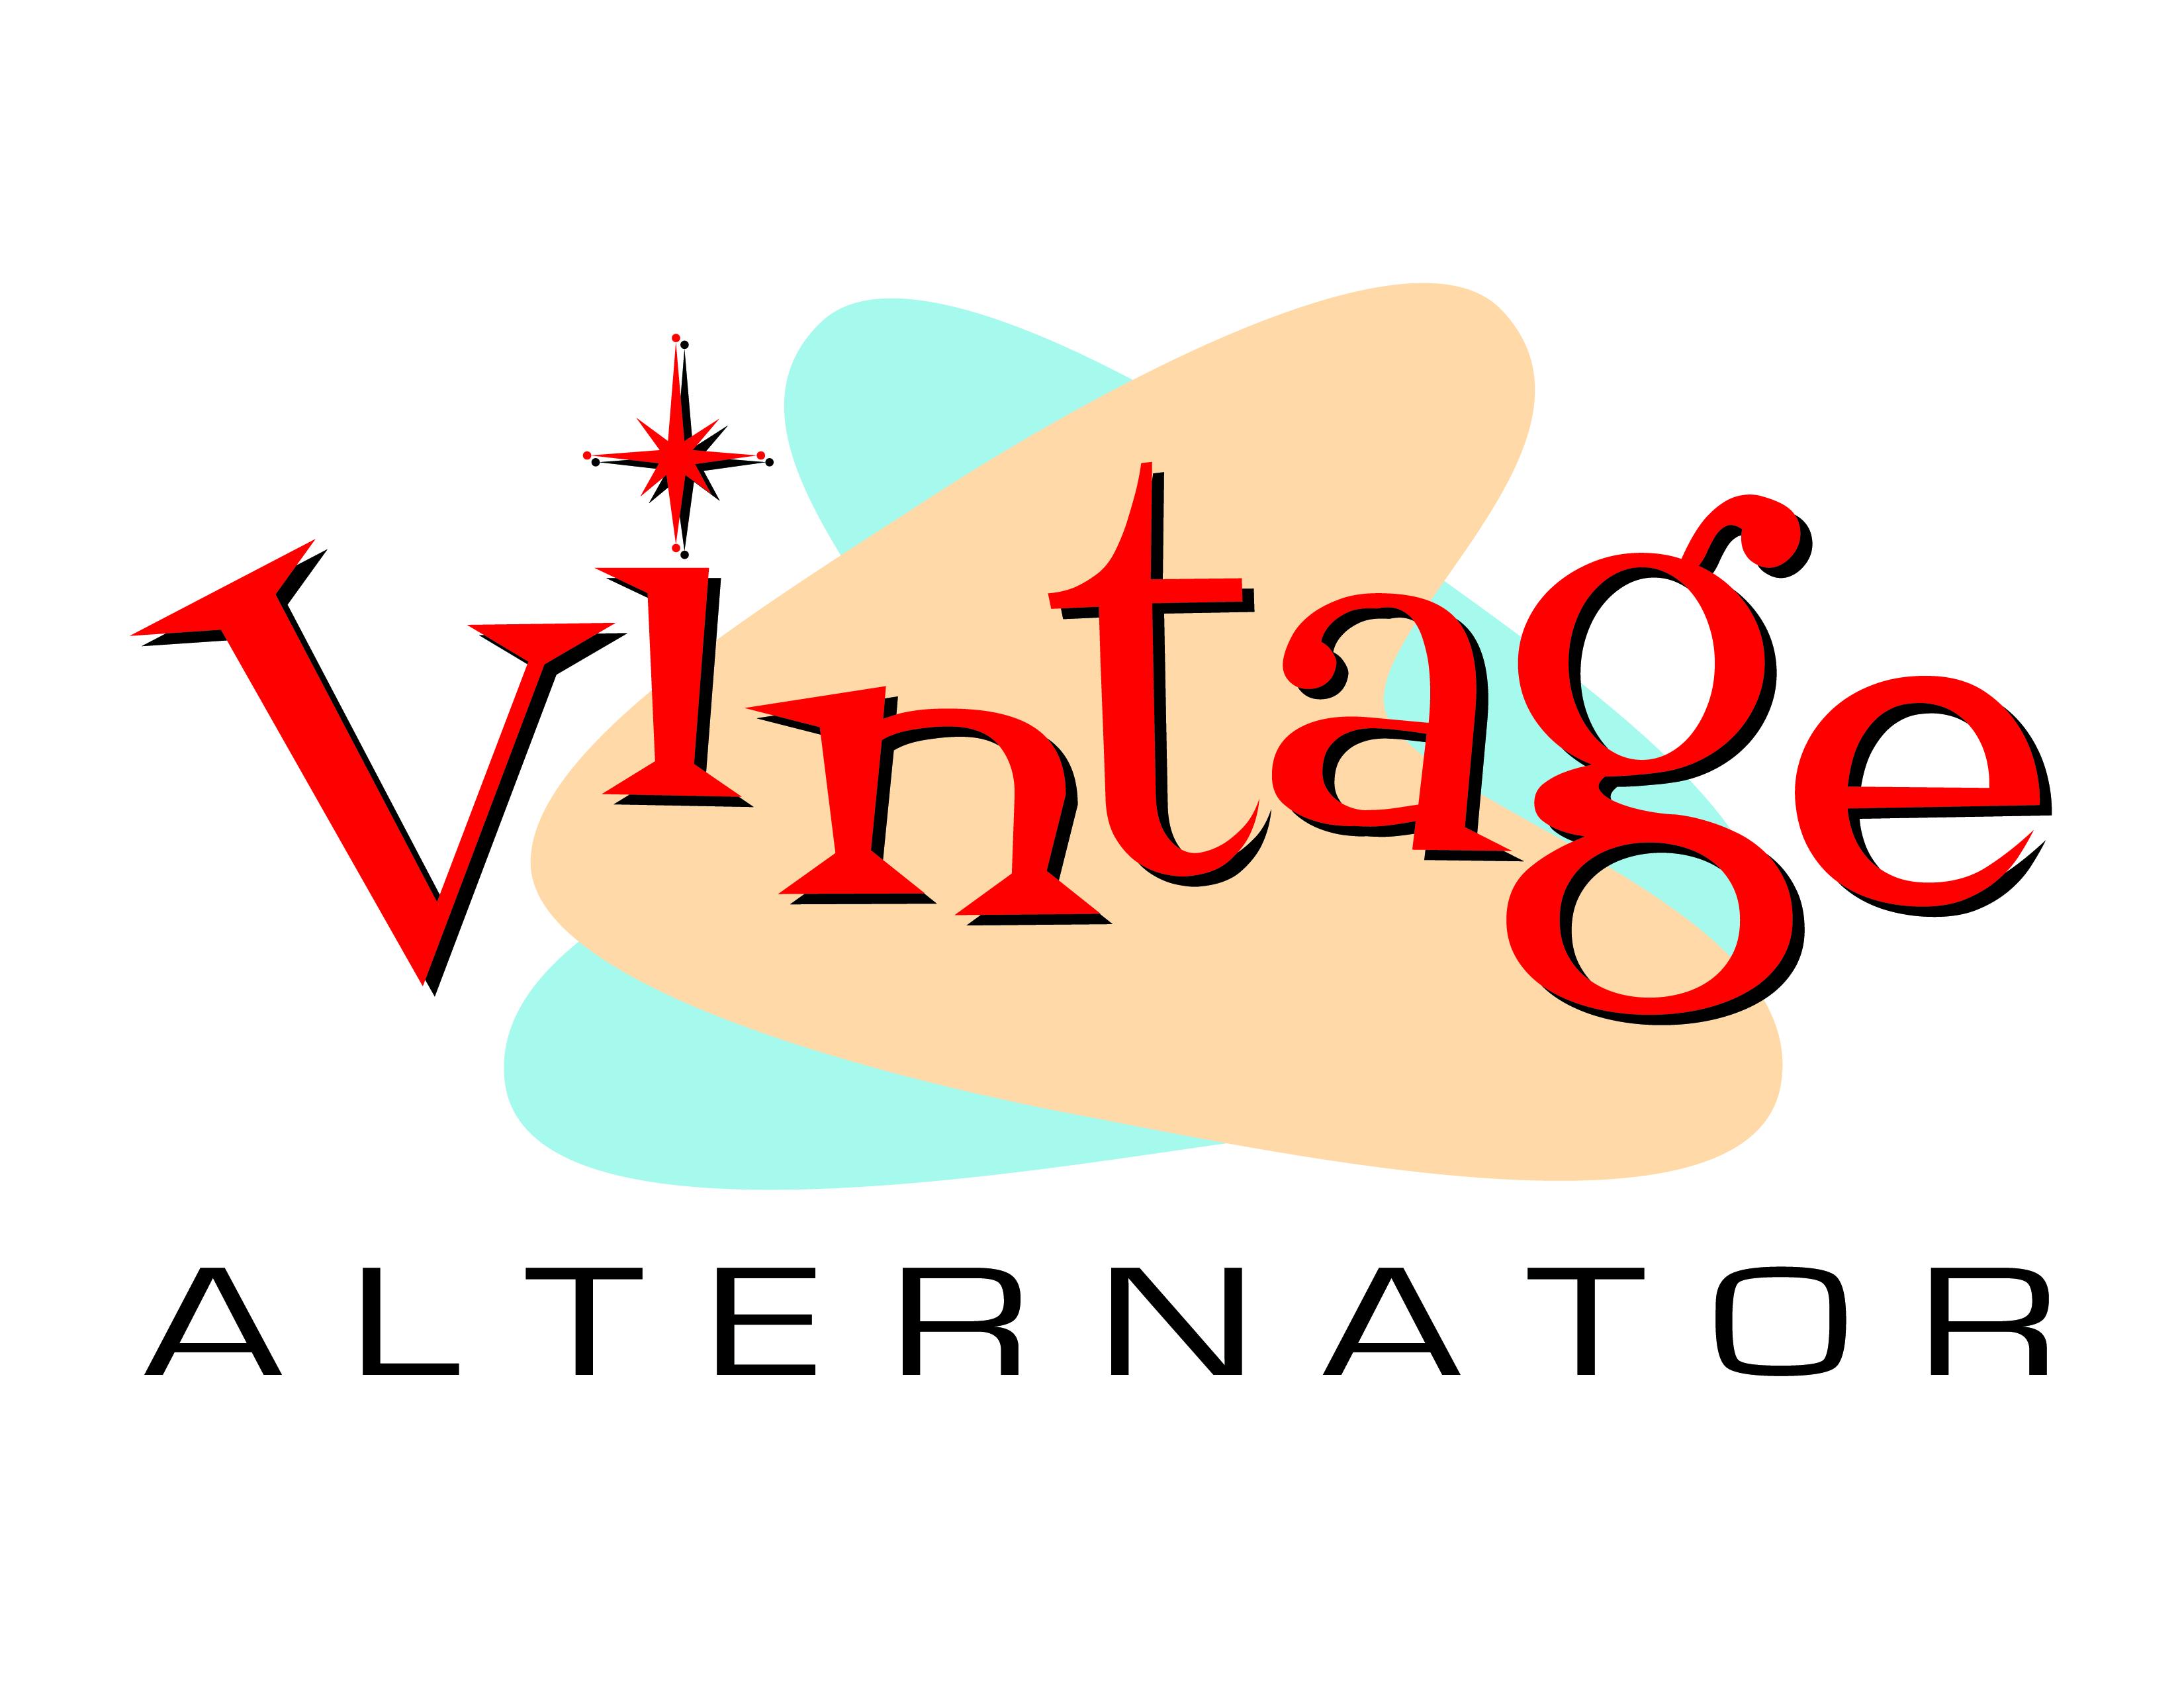 Vintage Alternator Final Logo